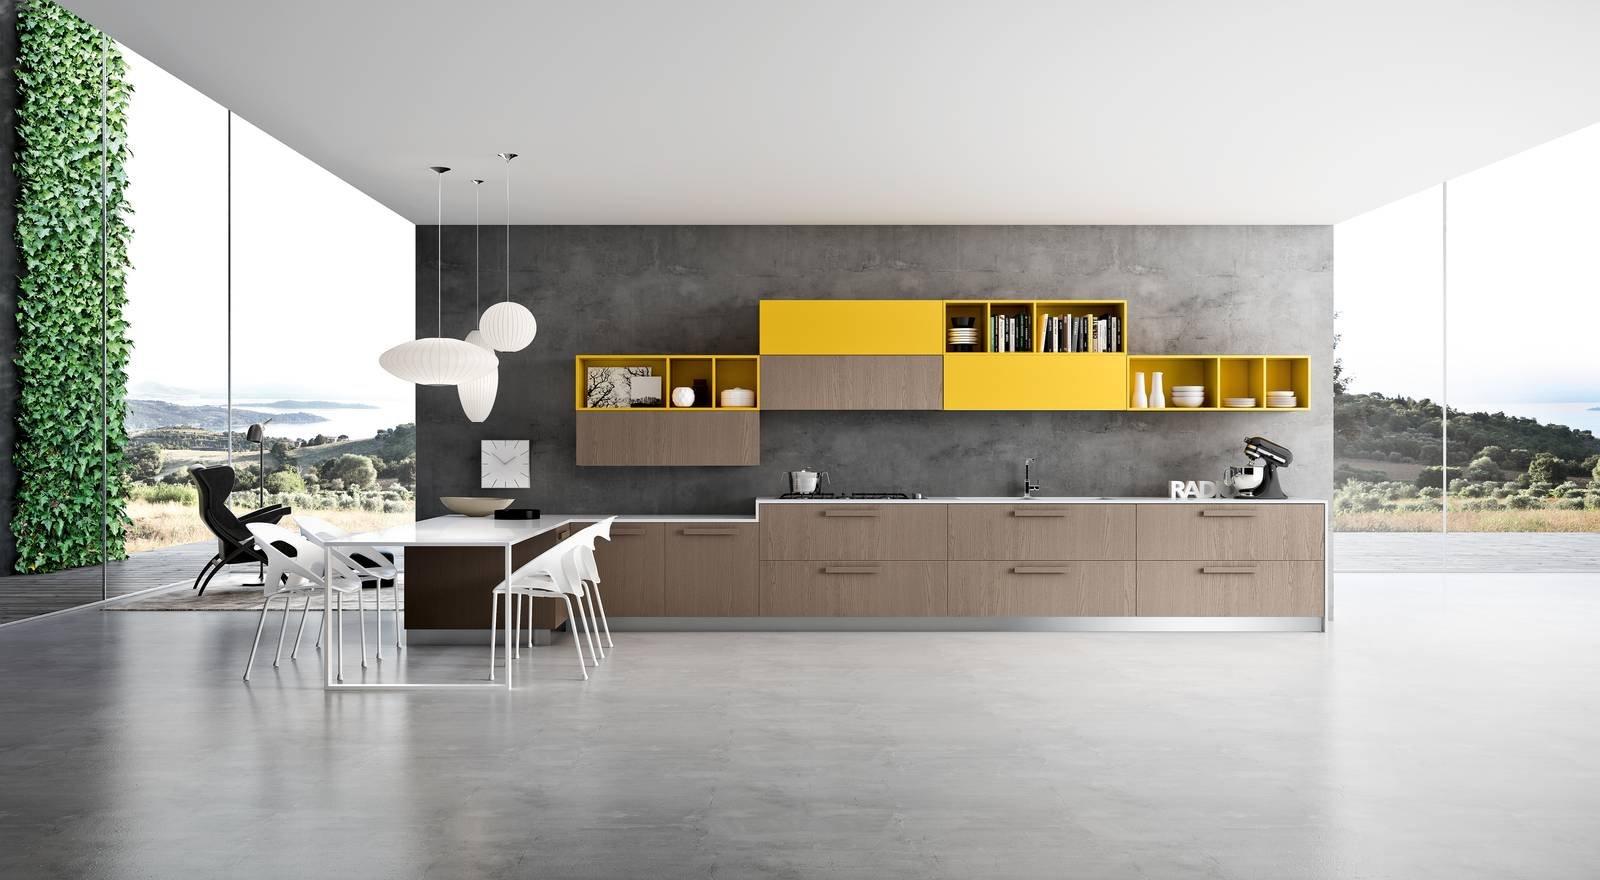 Cucina effetto legno la bellezza dell 39 essenza con i for Arredamento immagini